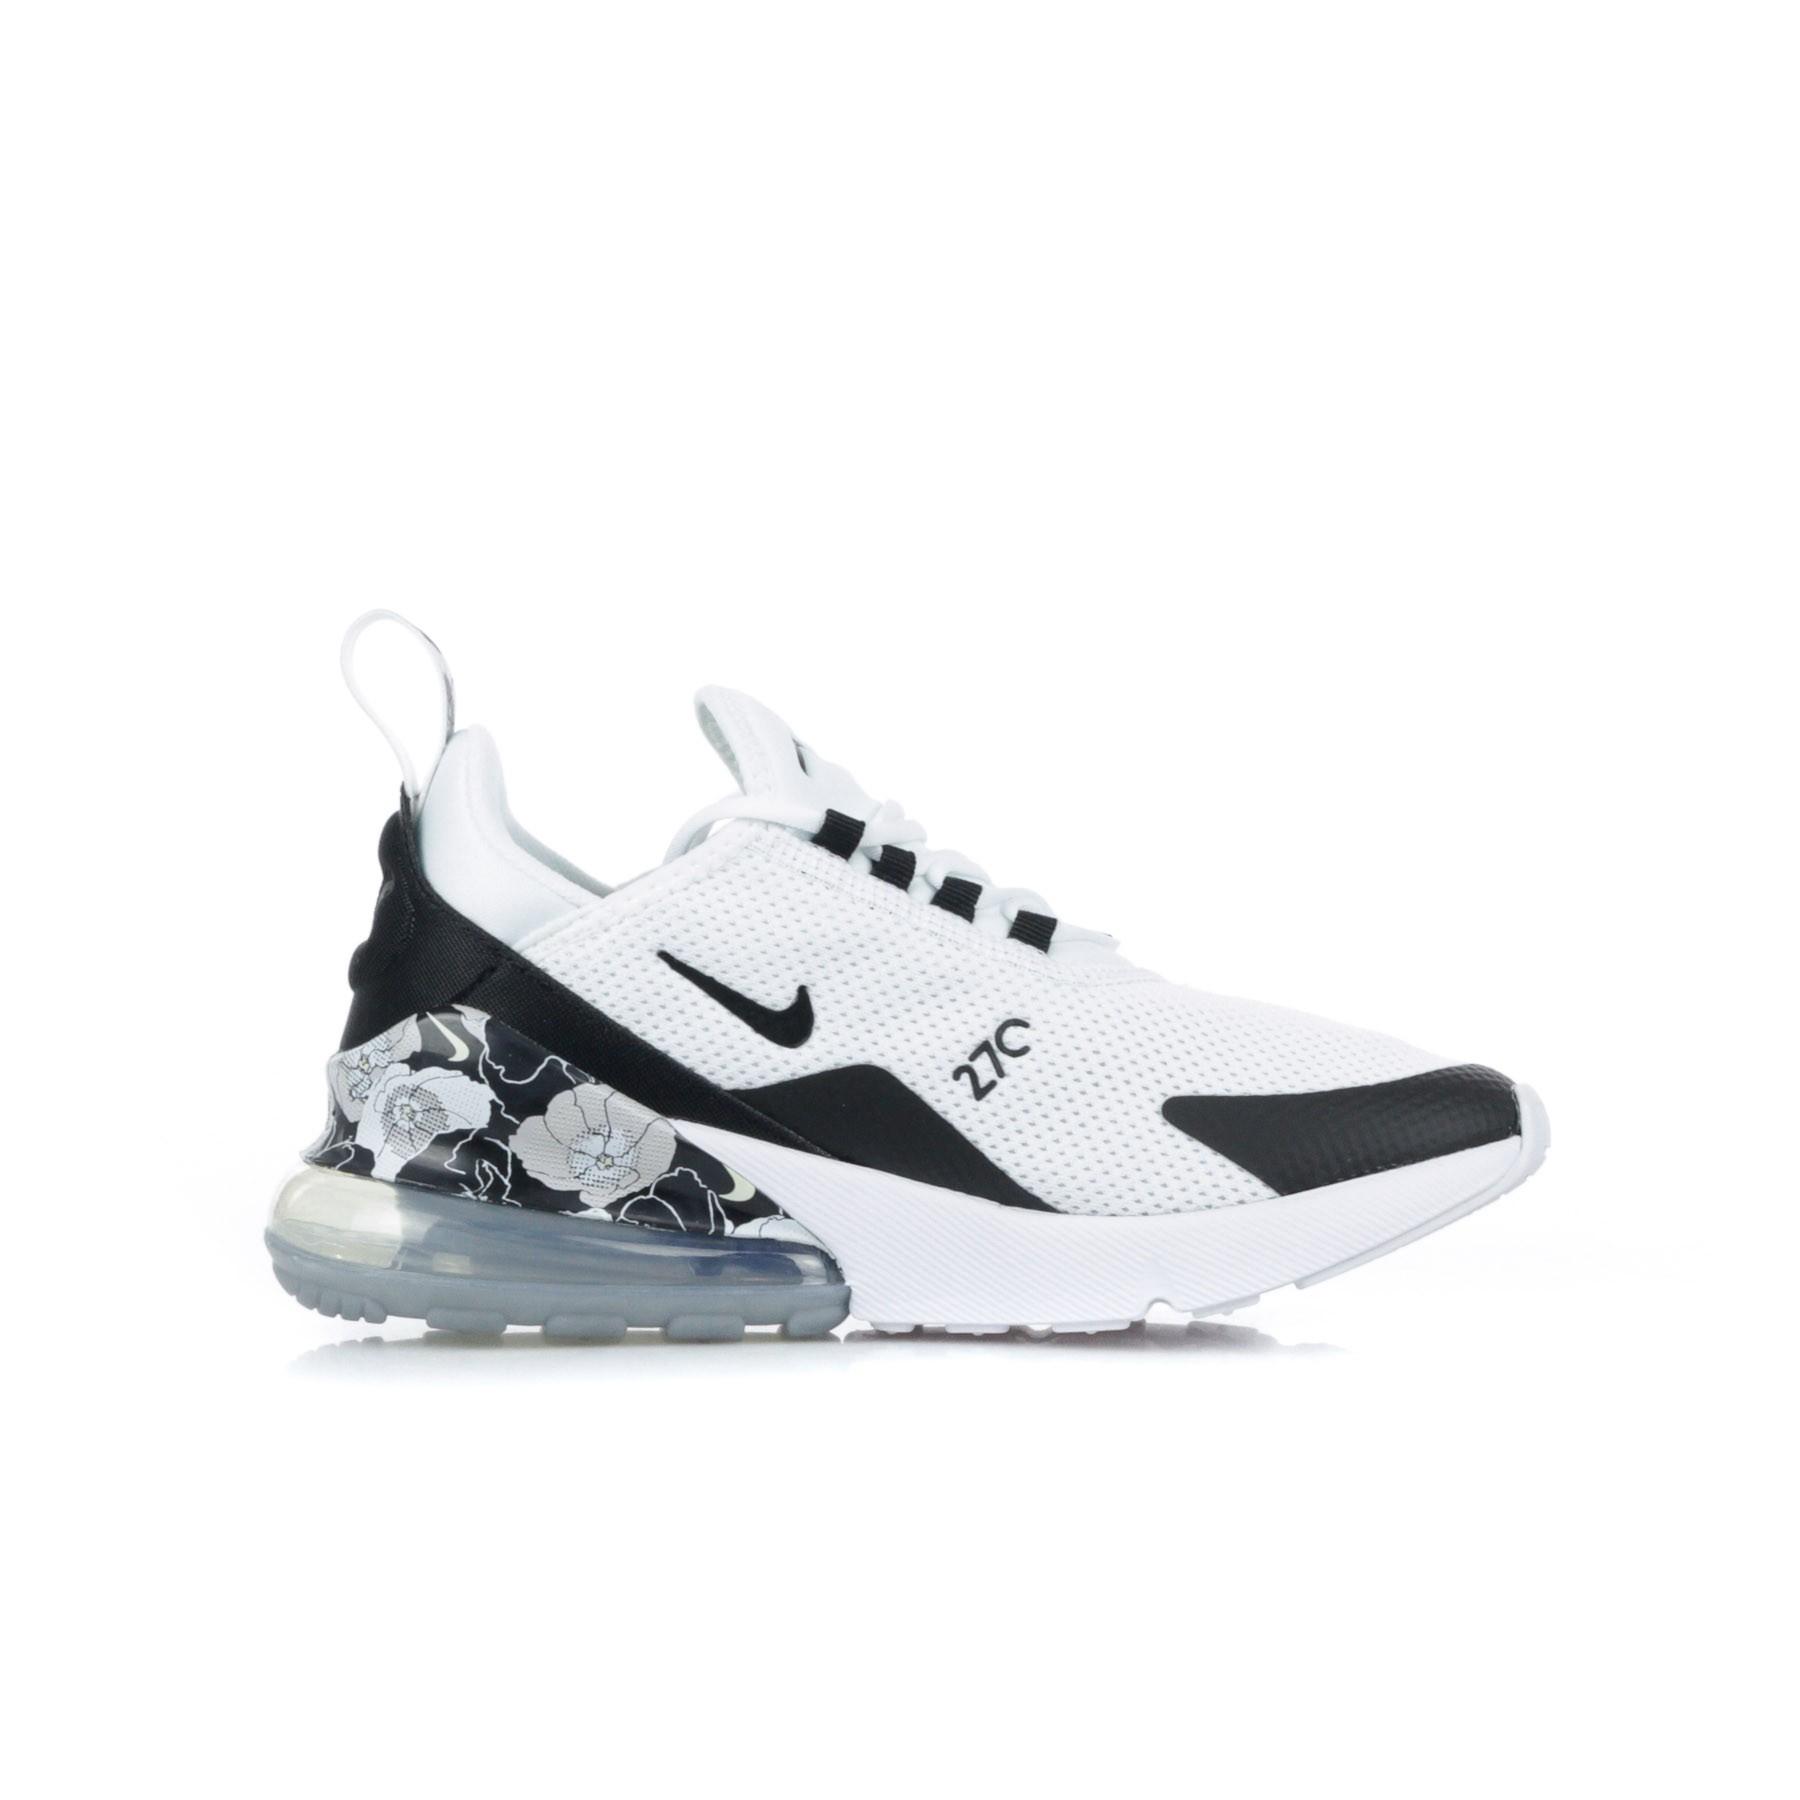 d55f2e8ccd6d scarpa-bassa-w-air-max-270-se-floral-white-black-metallic-silver.jpg